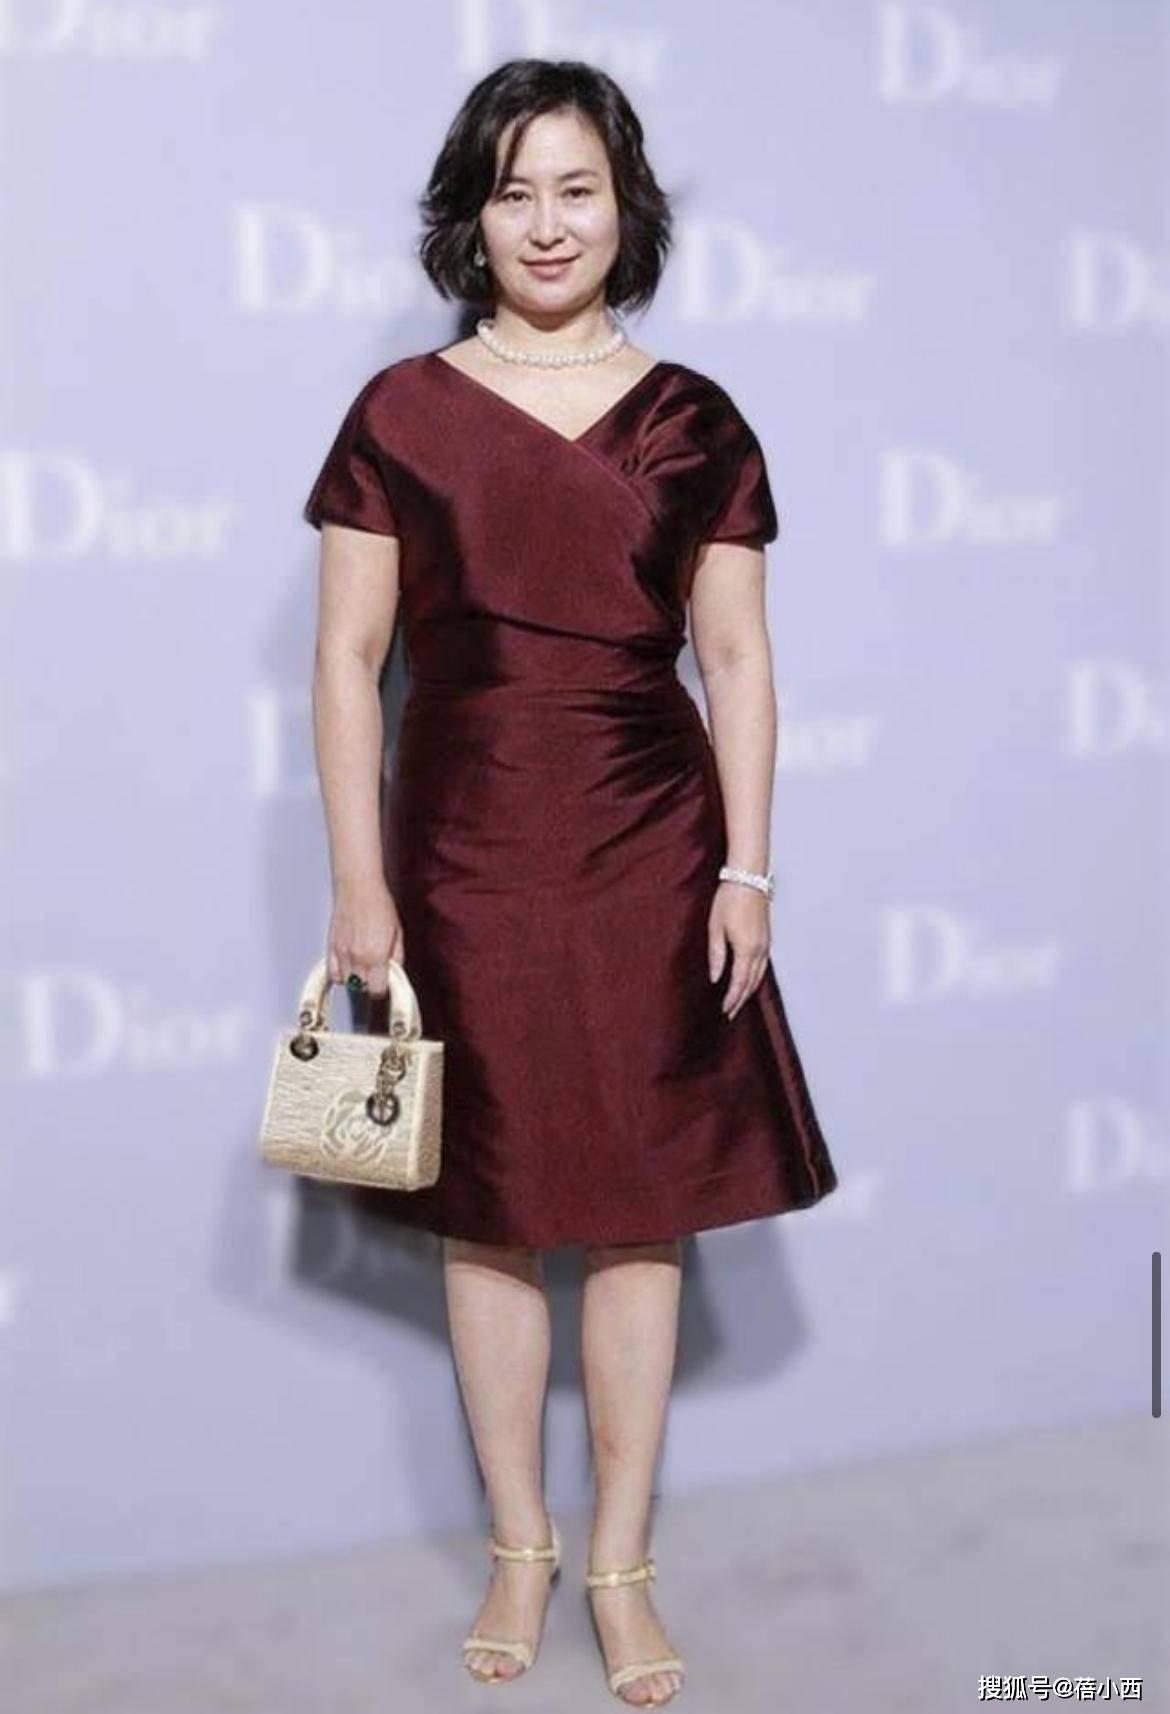 【何超琼穿出贵妇感】何超琼穿出了60后女性羡慕的贵妇感 高贵优雅